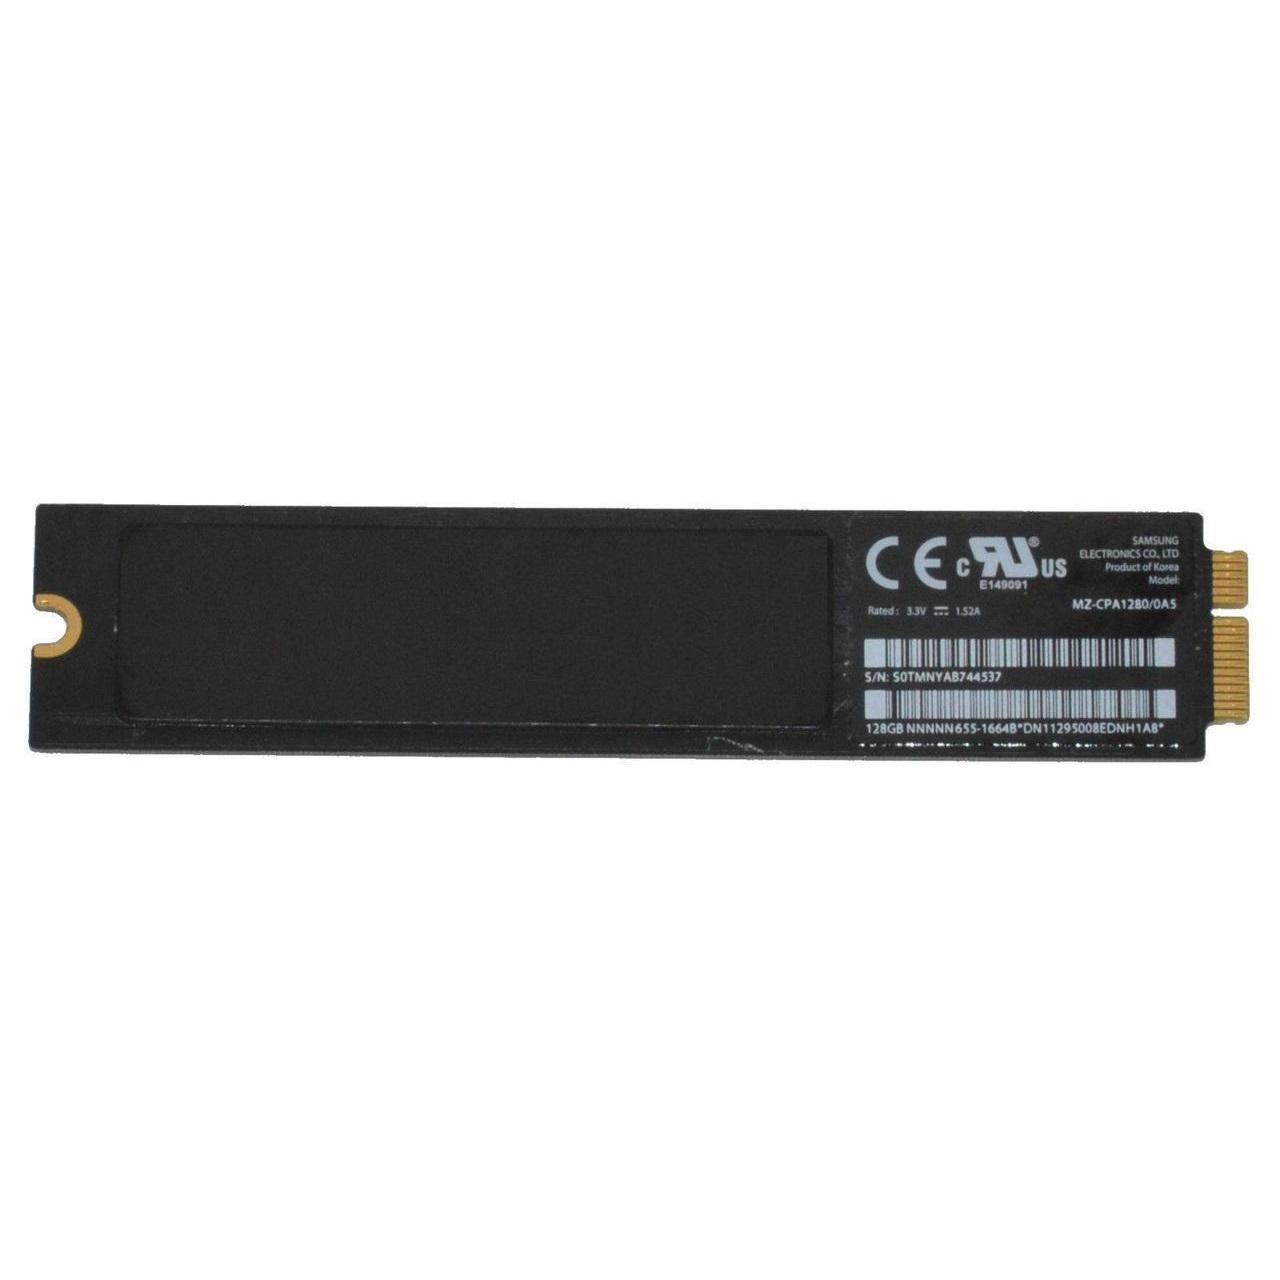 اس اس دی اینترنال سامسونگ مدل MZ-CPA1280/0A5 ظرفیت 128 گیگابایت